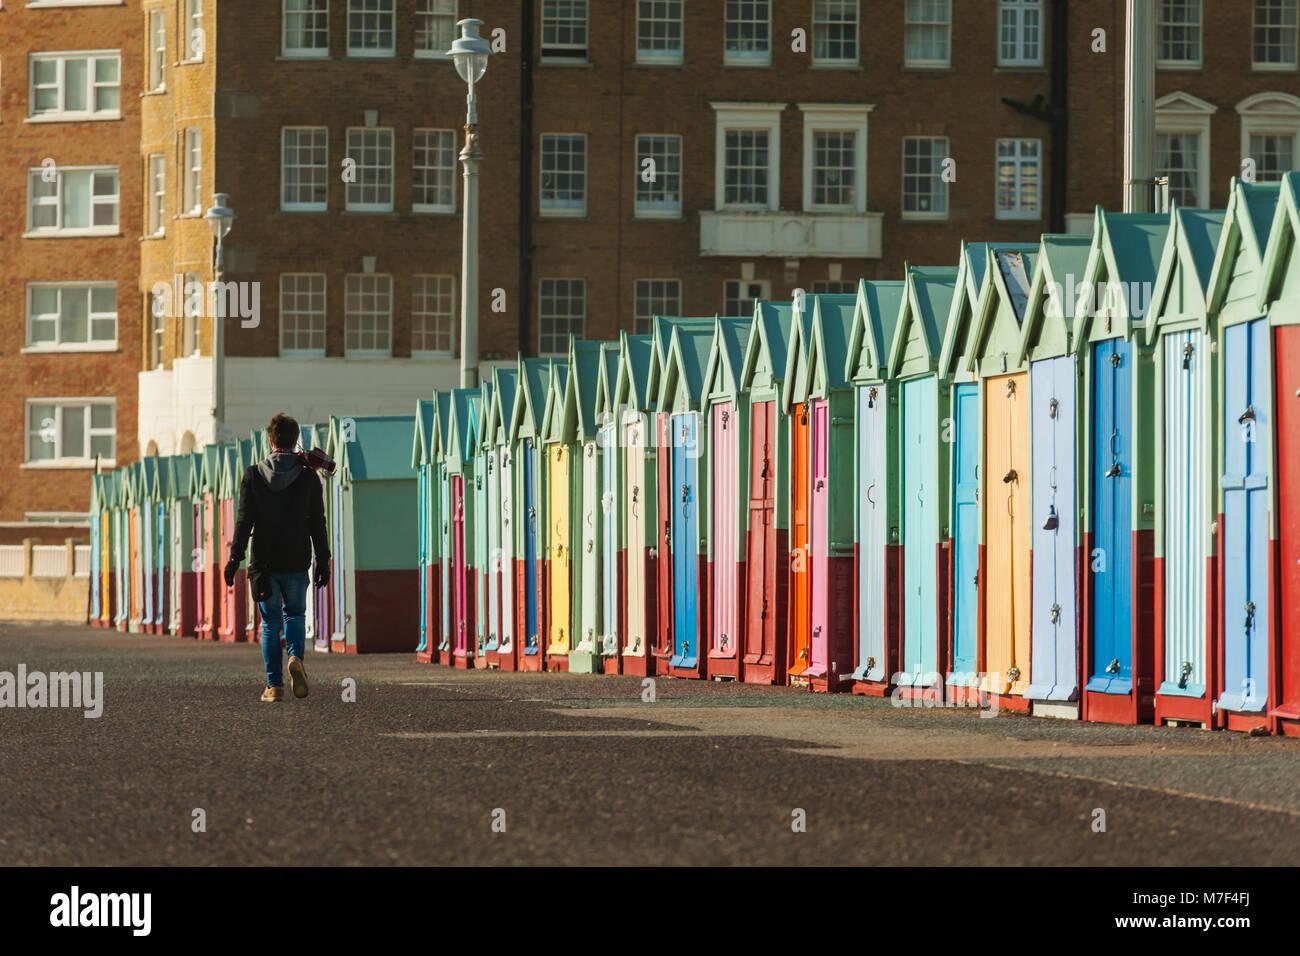 Bunte Strandhütten direkt an der Meeresküste von Brighton, East Sussex, England. Stockfoto